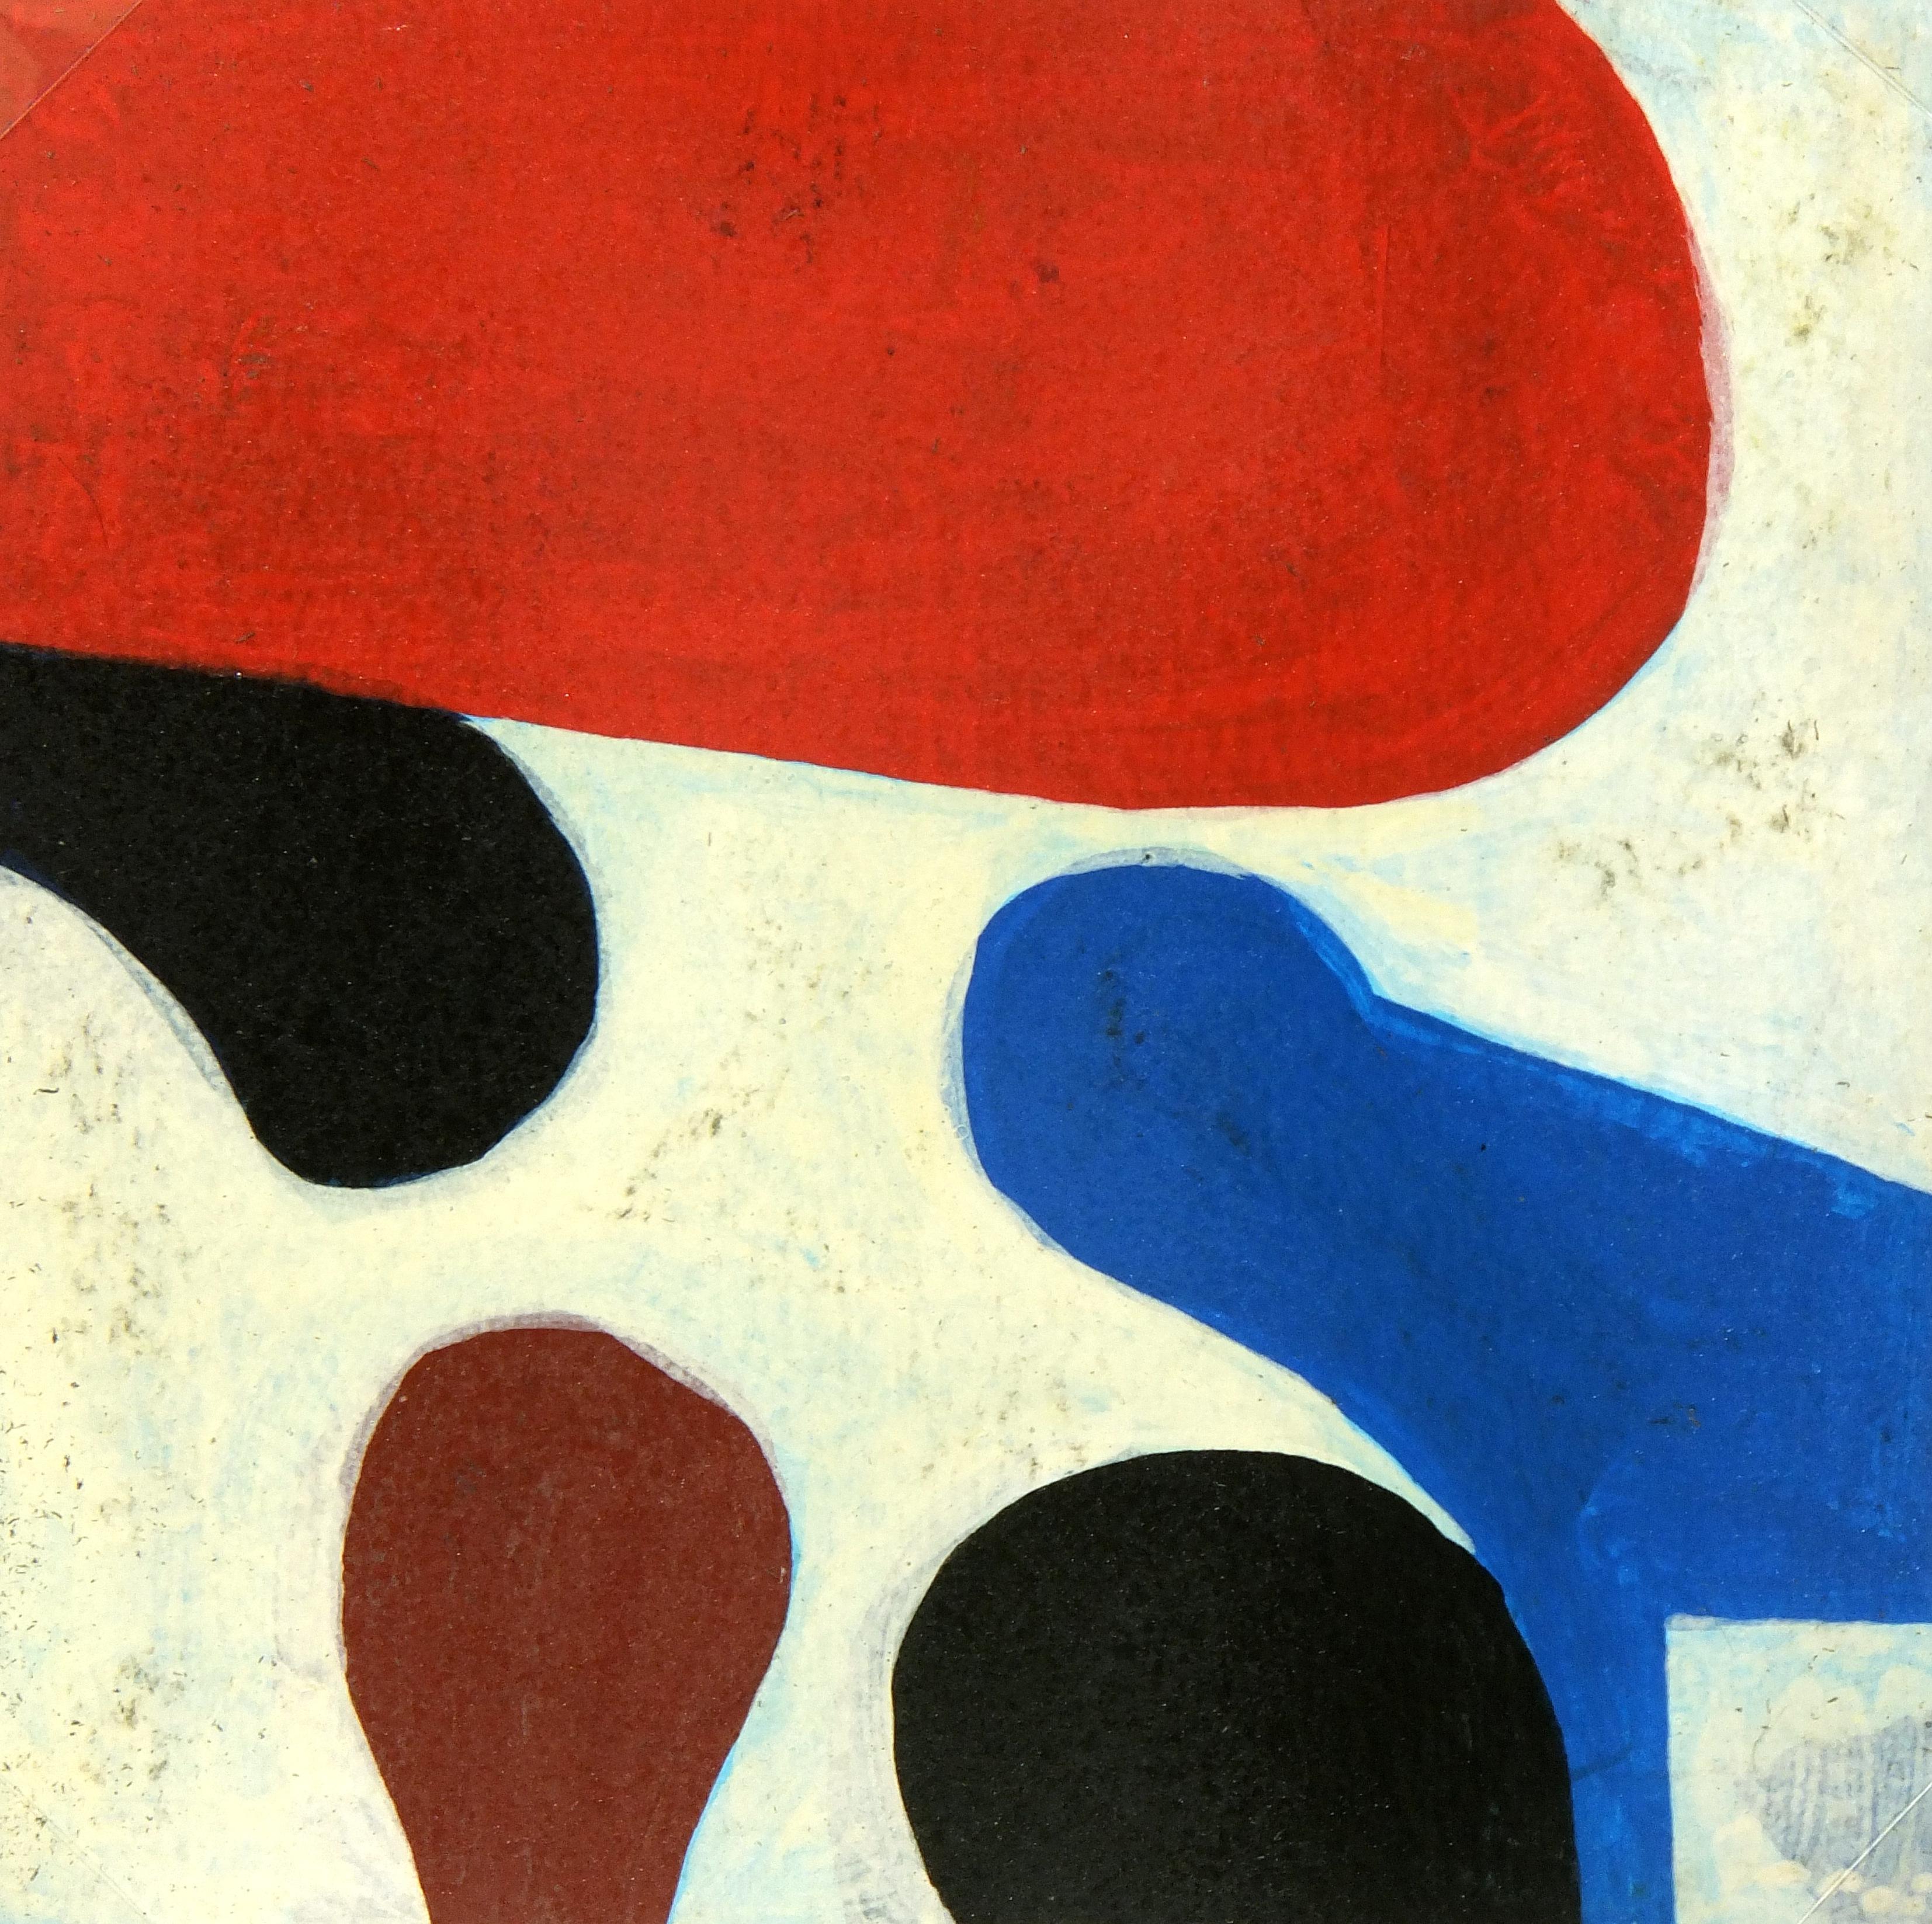 Abstract Oil Painting, Circa 1940-main-5211MG